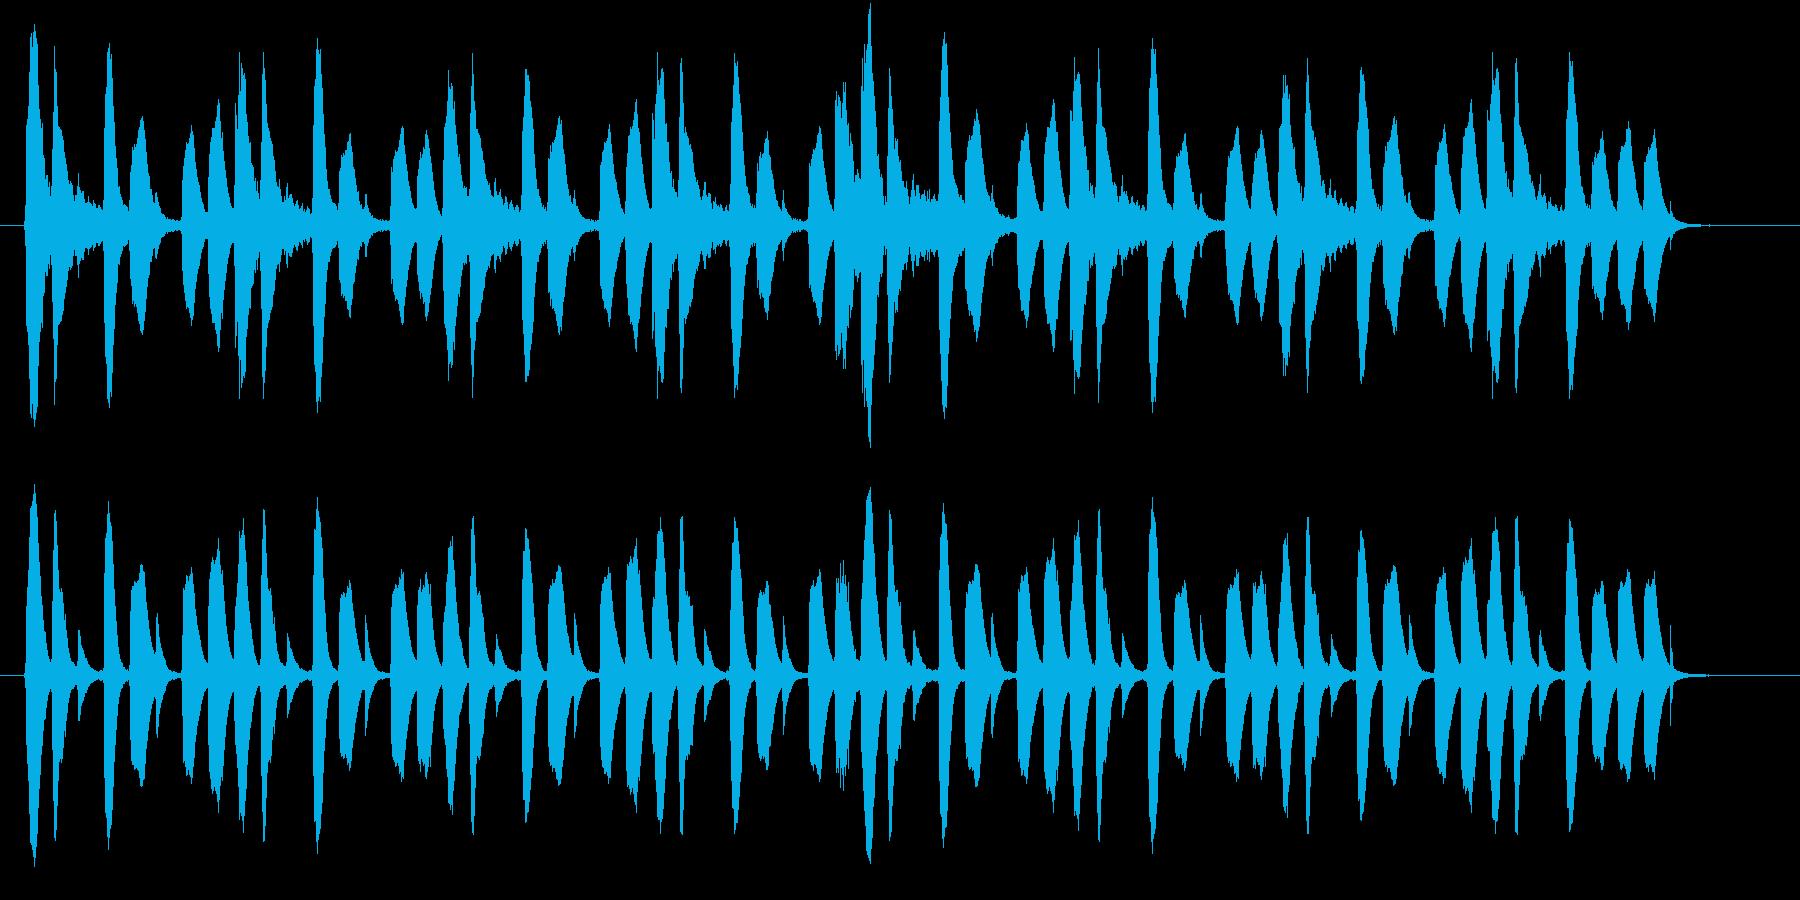 シンキングタイムなどに使えるシンプルな曲の再生済みの波形